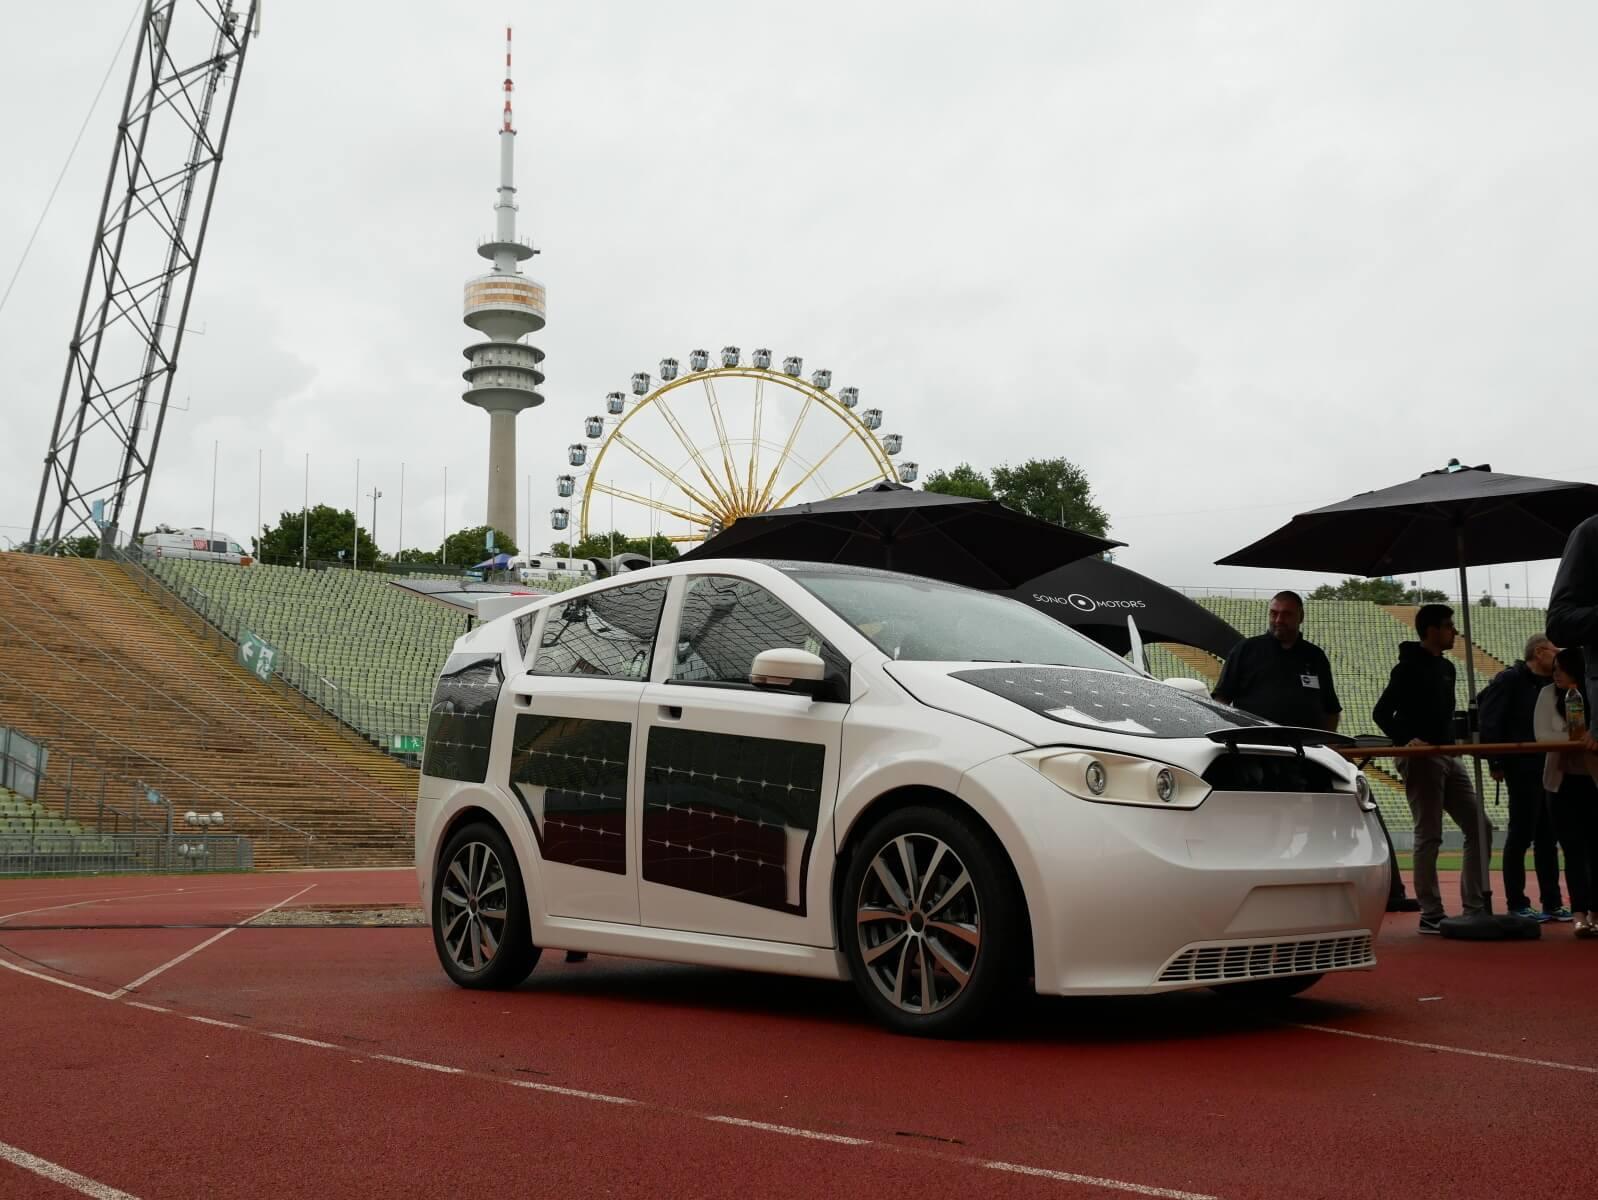 Probefahrt mit dem Sion: Günstiges Elektroauto mit Solarzellen